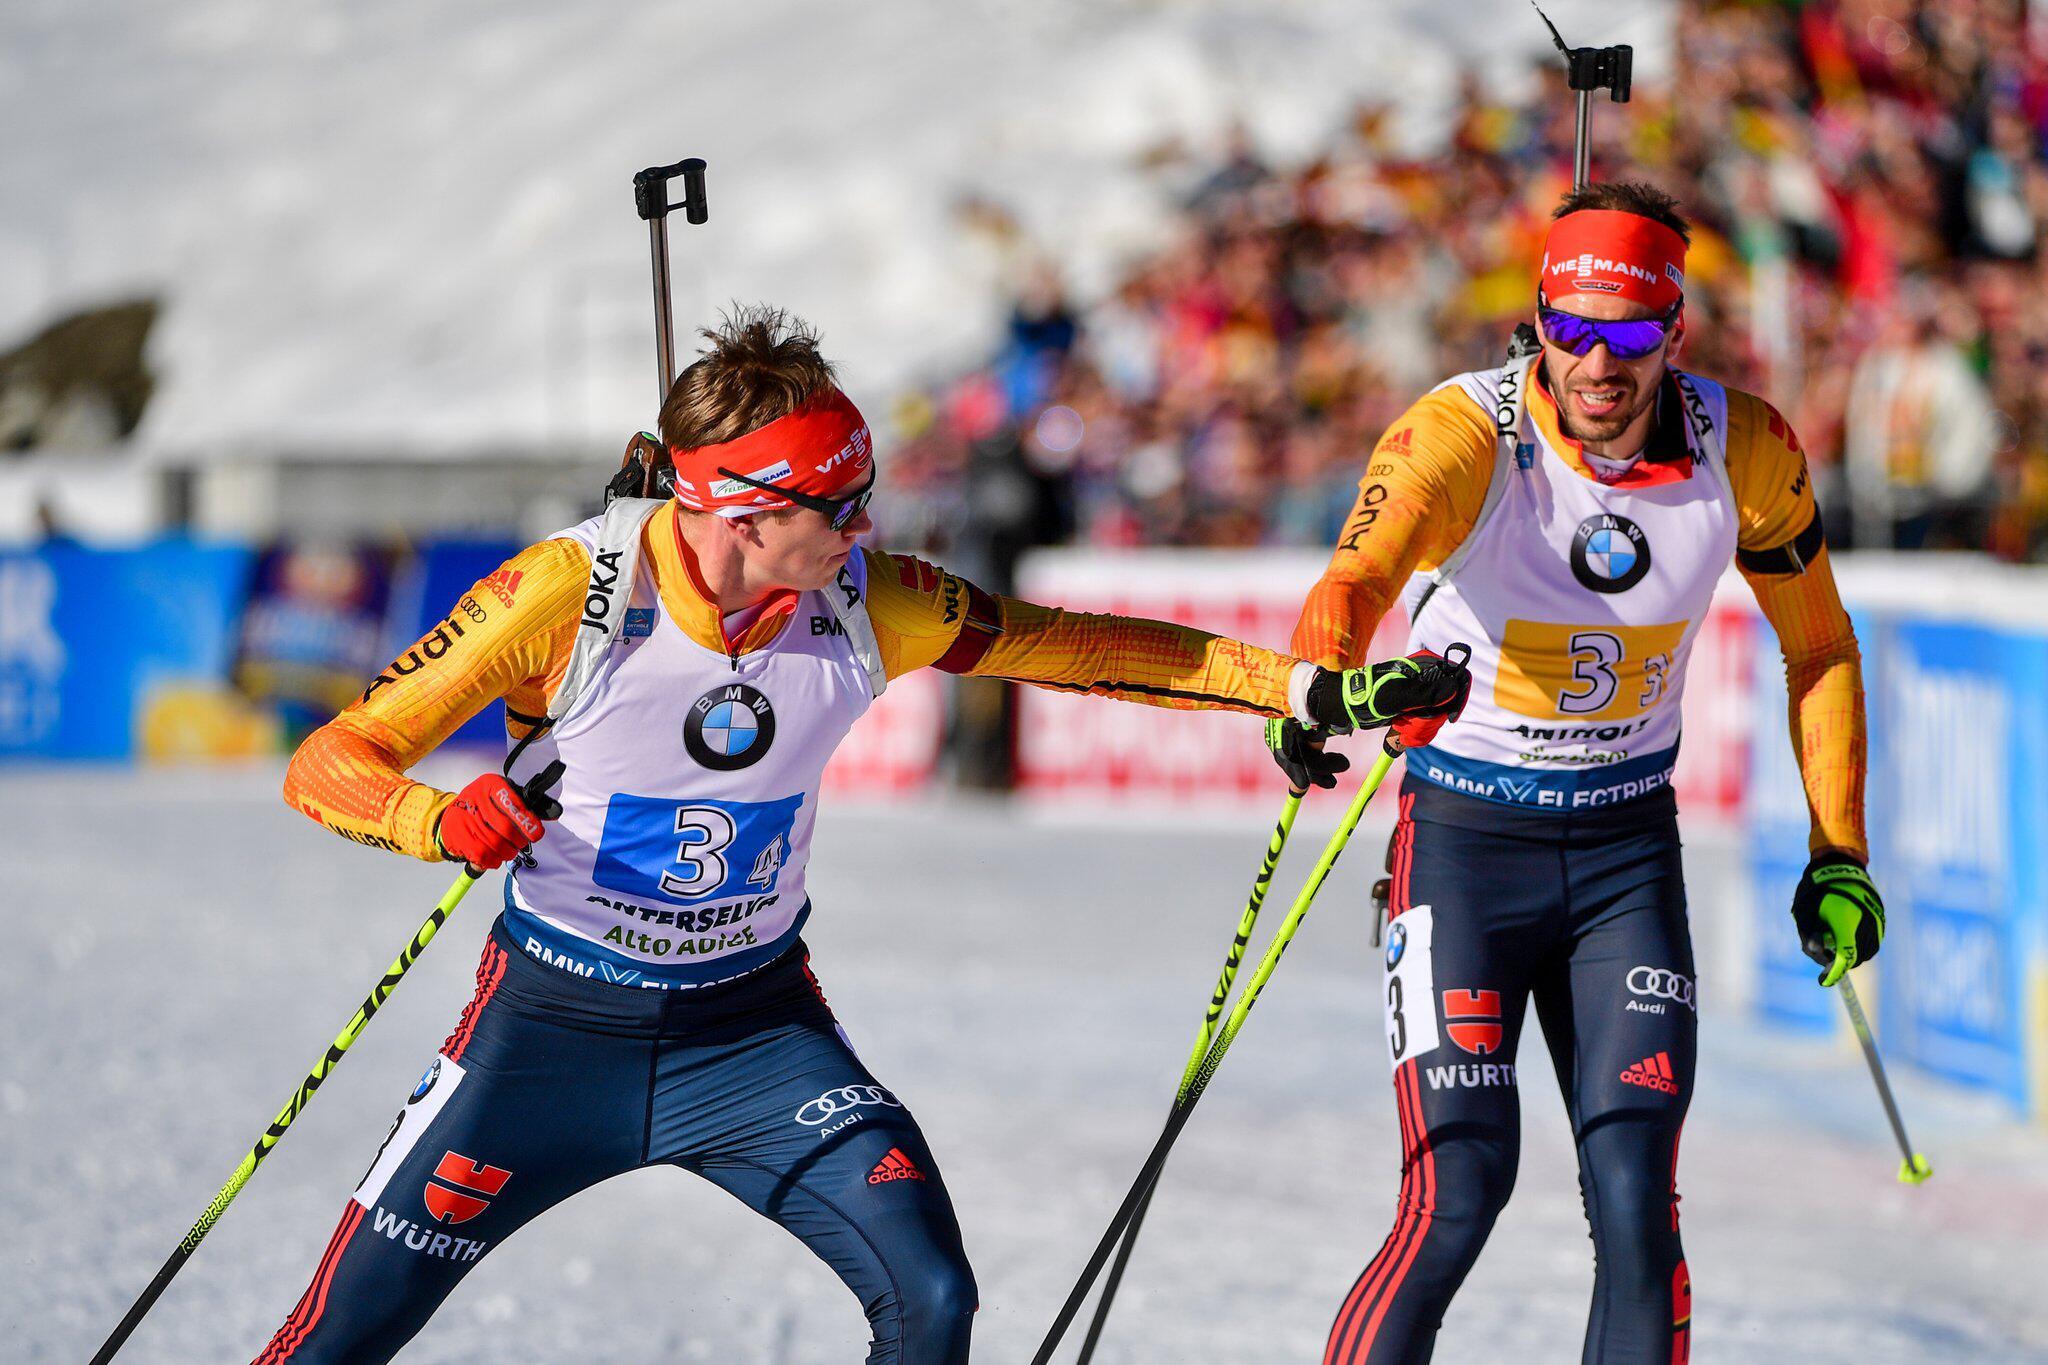 Bild zu Biathlon: Weltmeisterschaft/Weltcup